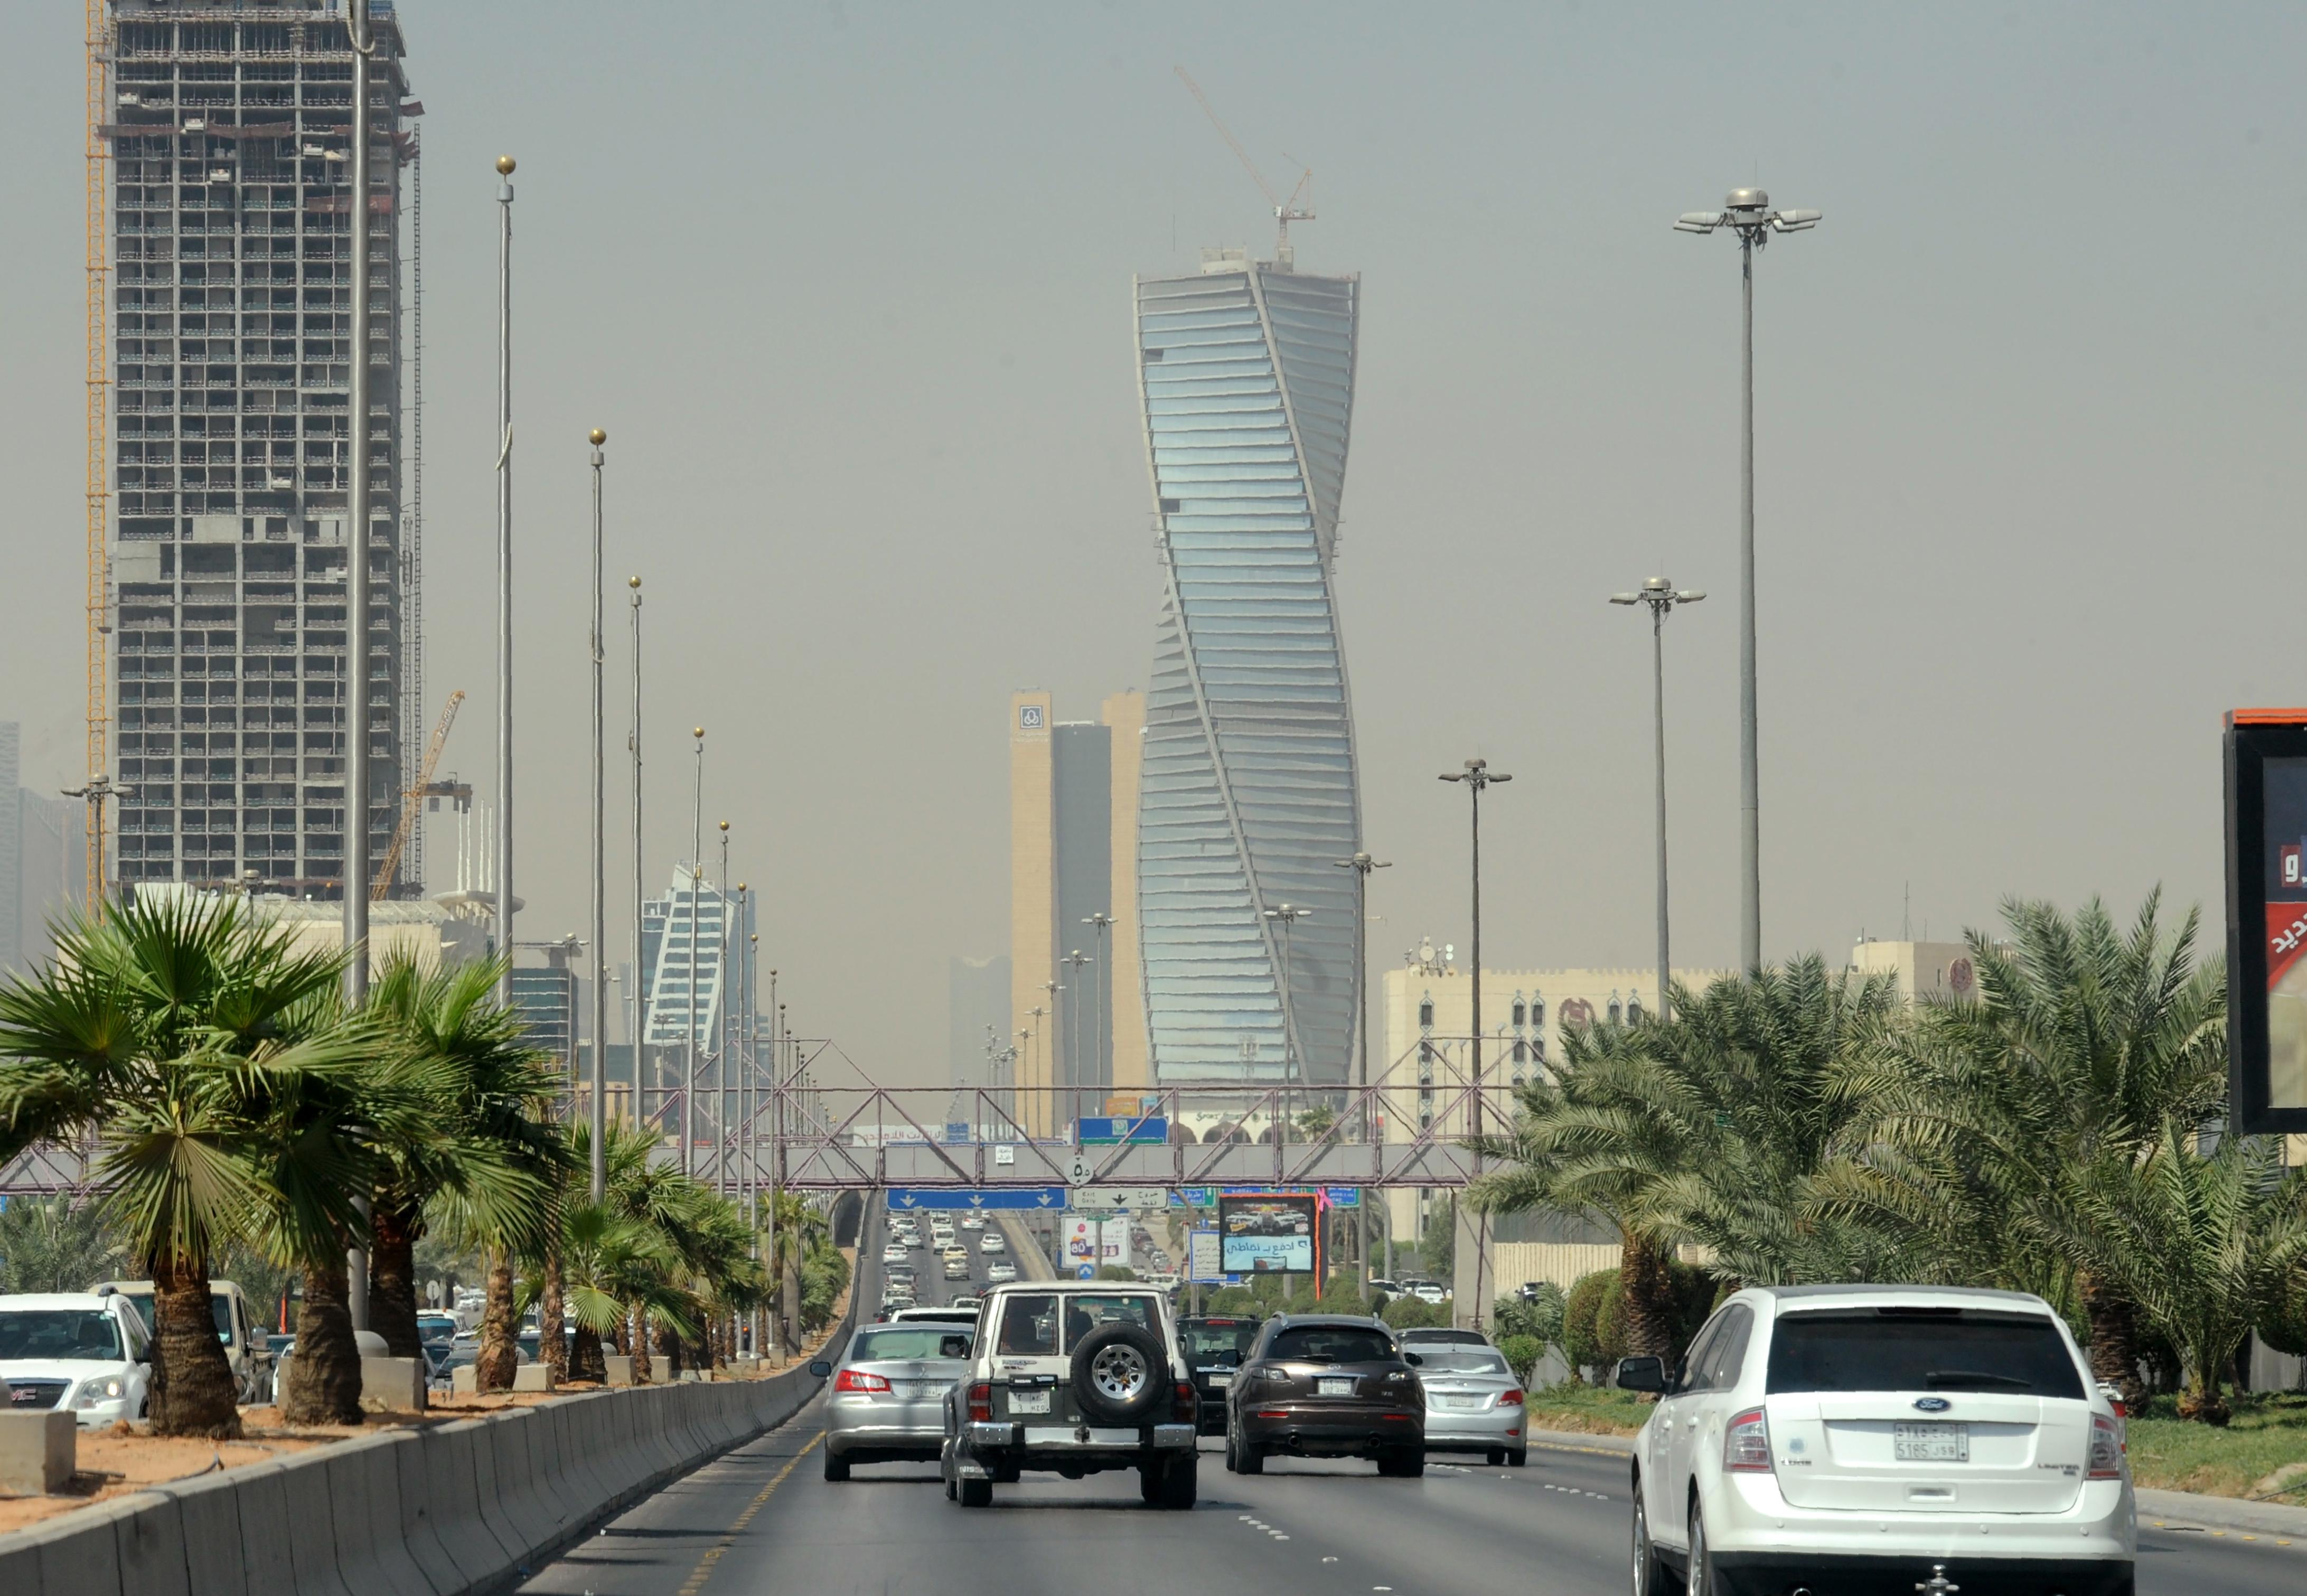 صندوق النقد: نمو السعودية لن يزيد عن 0.4% والوظائف أكبر التحديات - CNNArabic.com